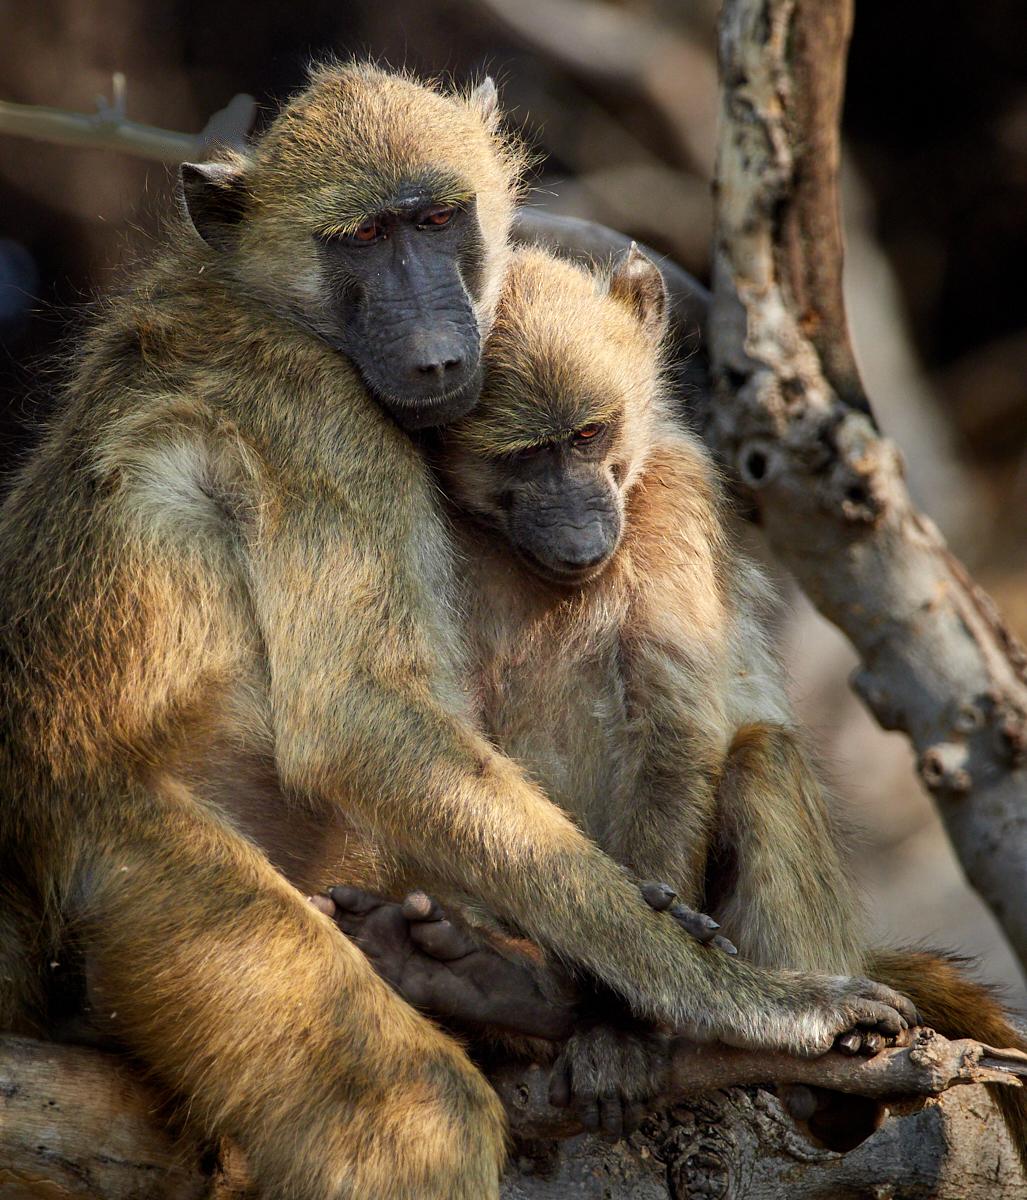 Baboon cuddles 1600x1200 sRGB.jpg